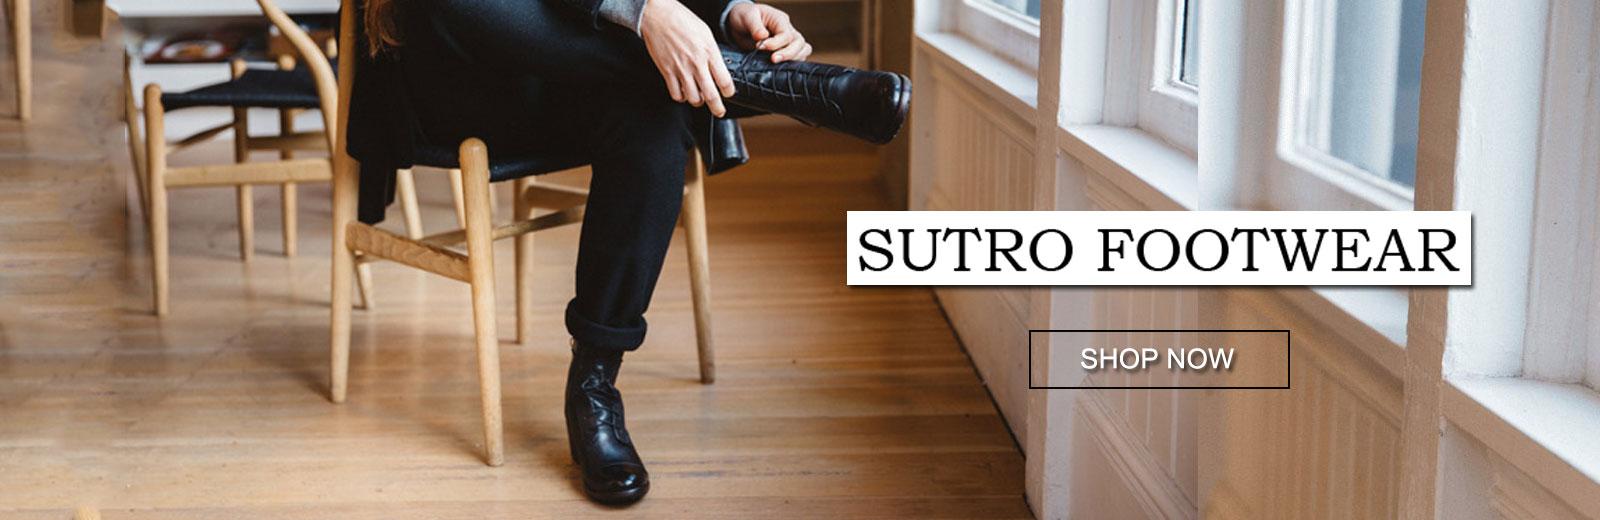 SUTRO